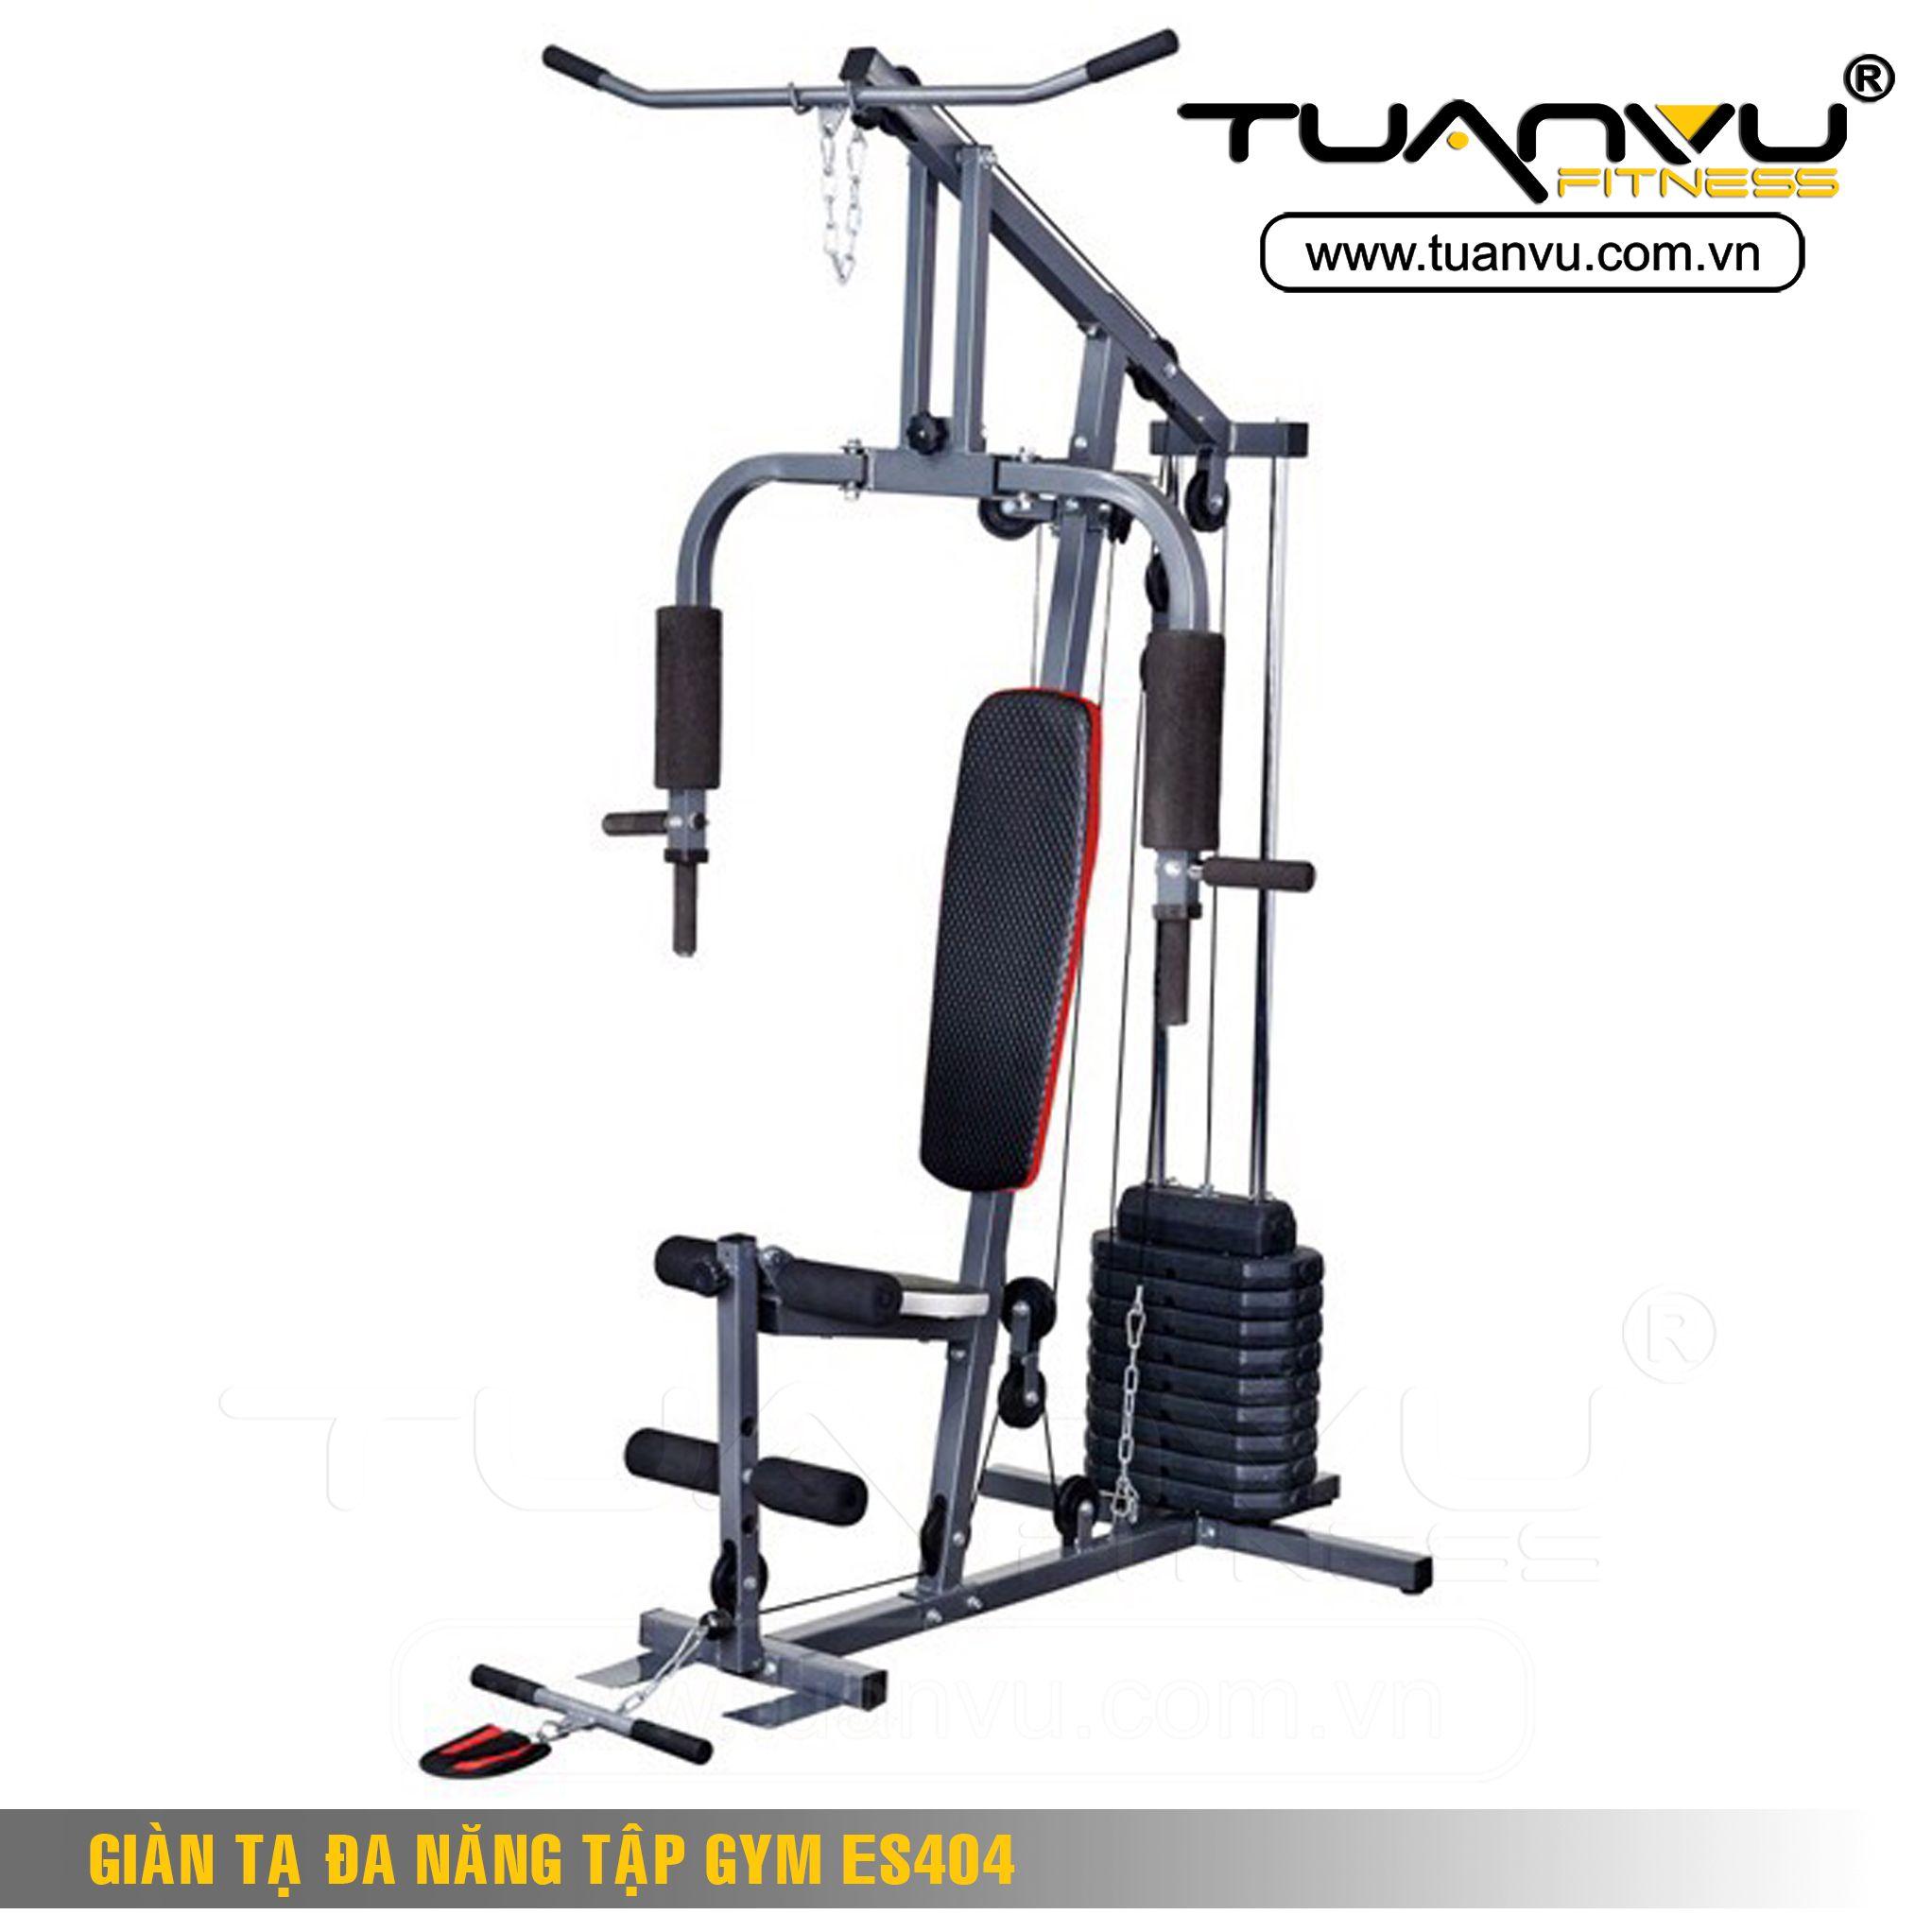 Giàn tạ đa năng tập gym ES422 là thiết kế thuận tiện đối với các phòng